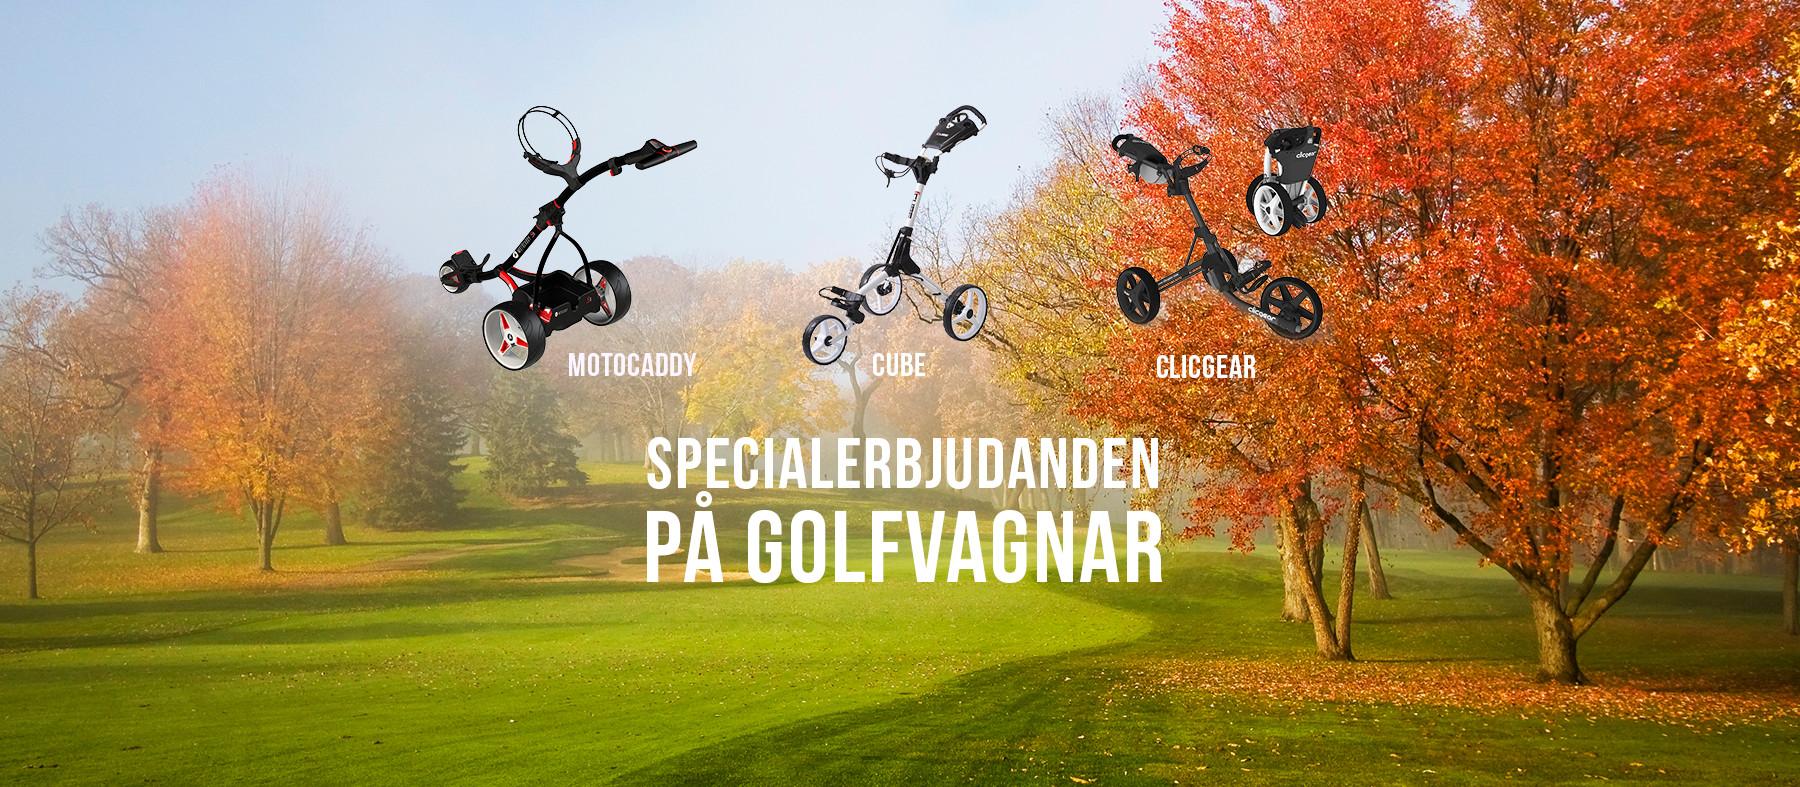 Specialerbjudande på golfvagnar